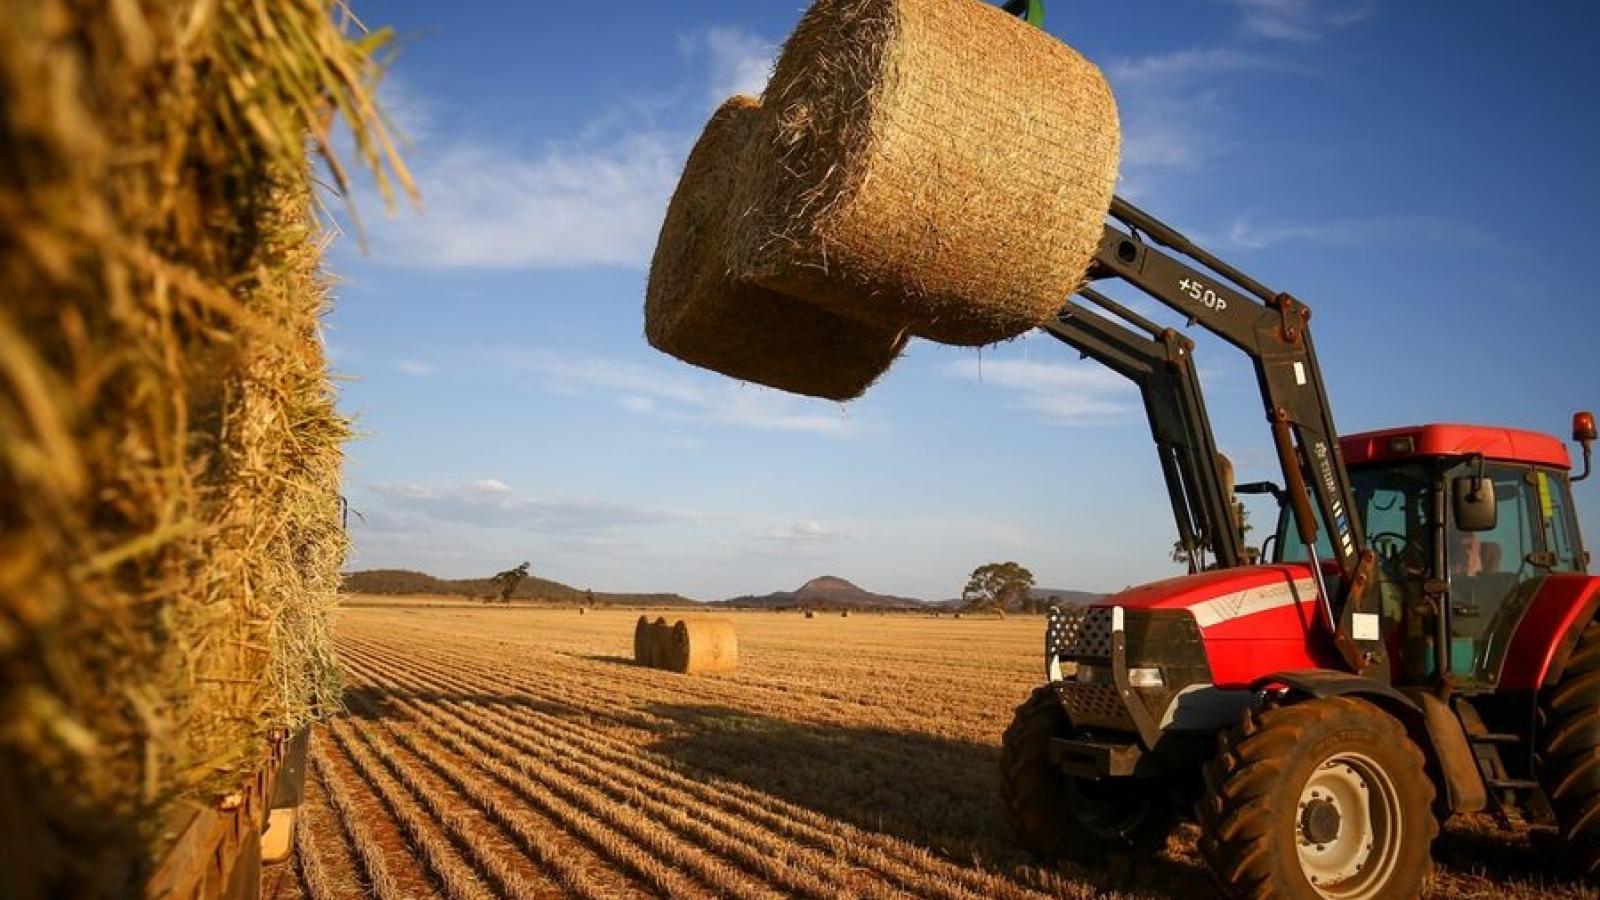 Cỏ khô Australia có thể là mặt hàng mới chịu sự trừng phạt từ Trung Quốc